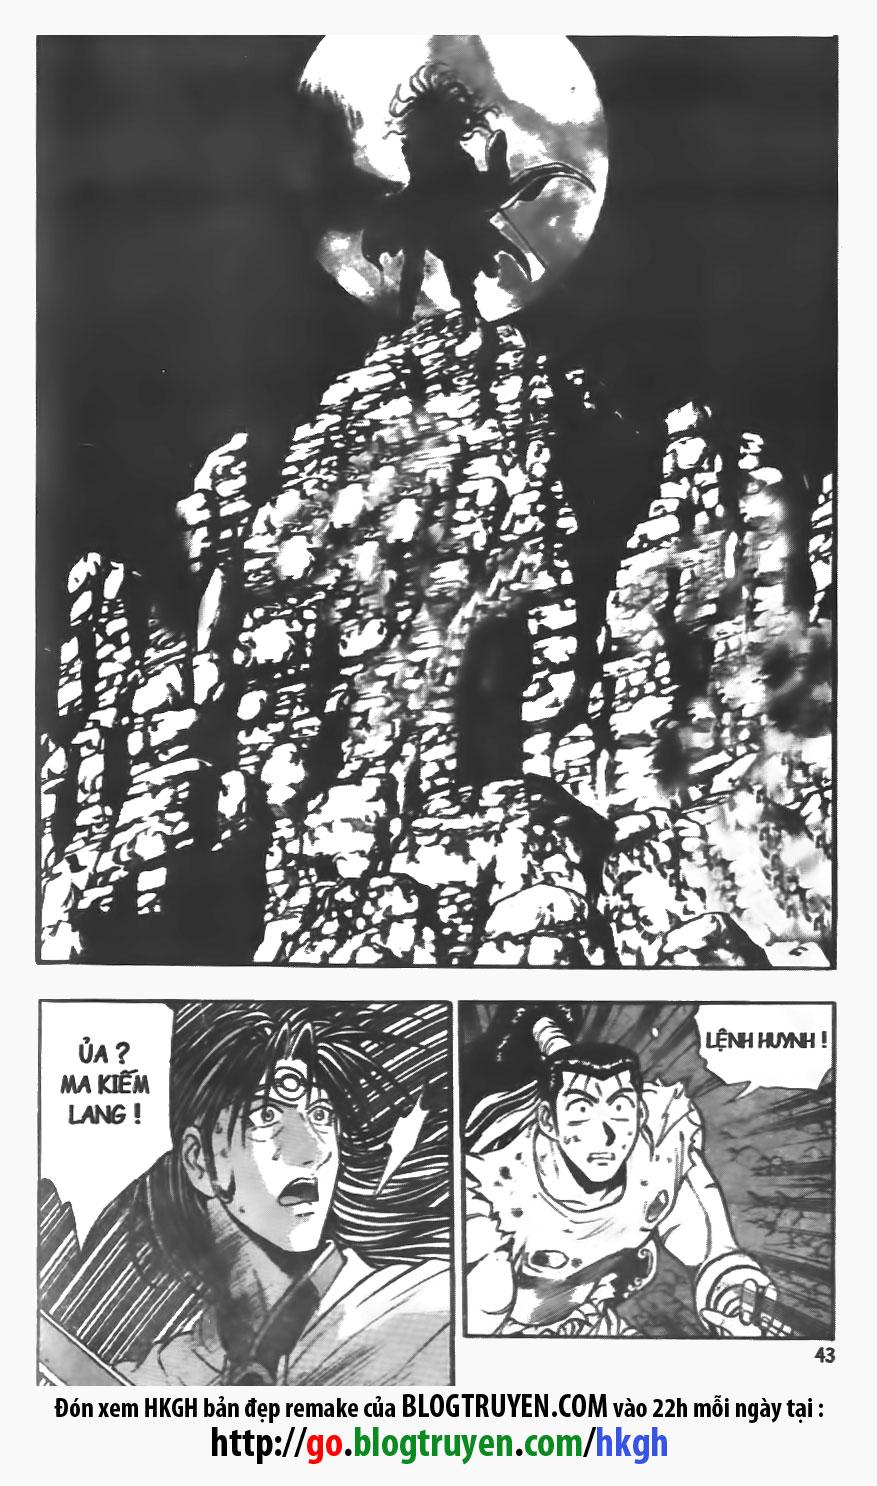 xem truyen moi - Hiệp Khách Giang Hồ Vol16 - Chap 104 - Remake